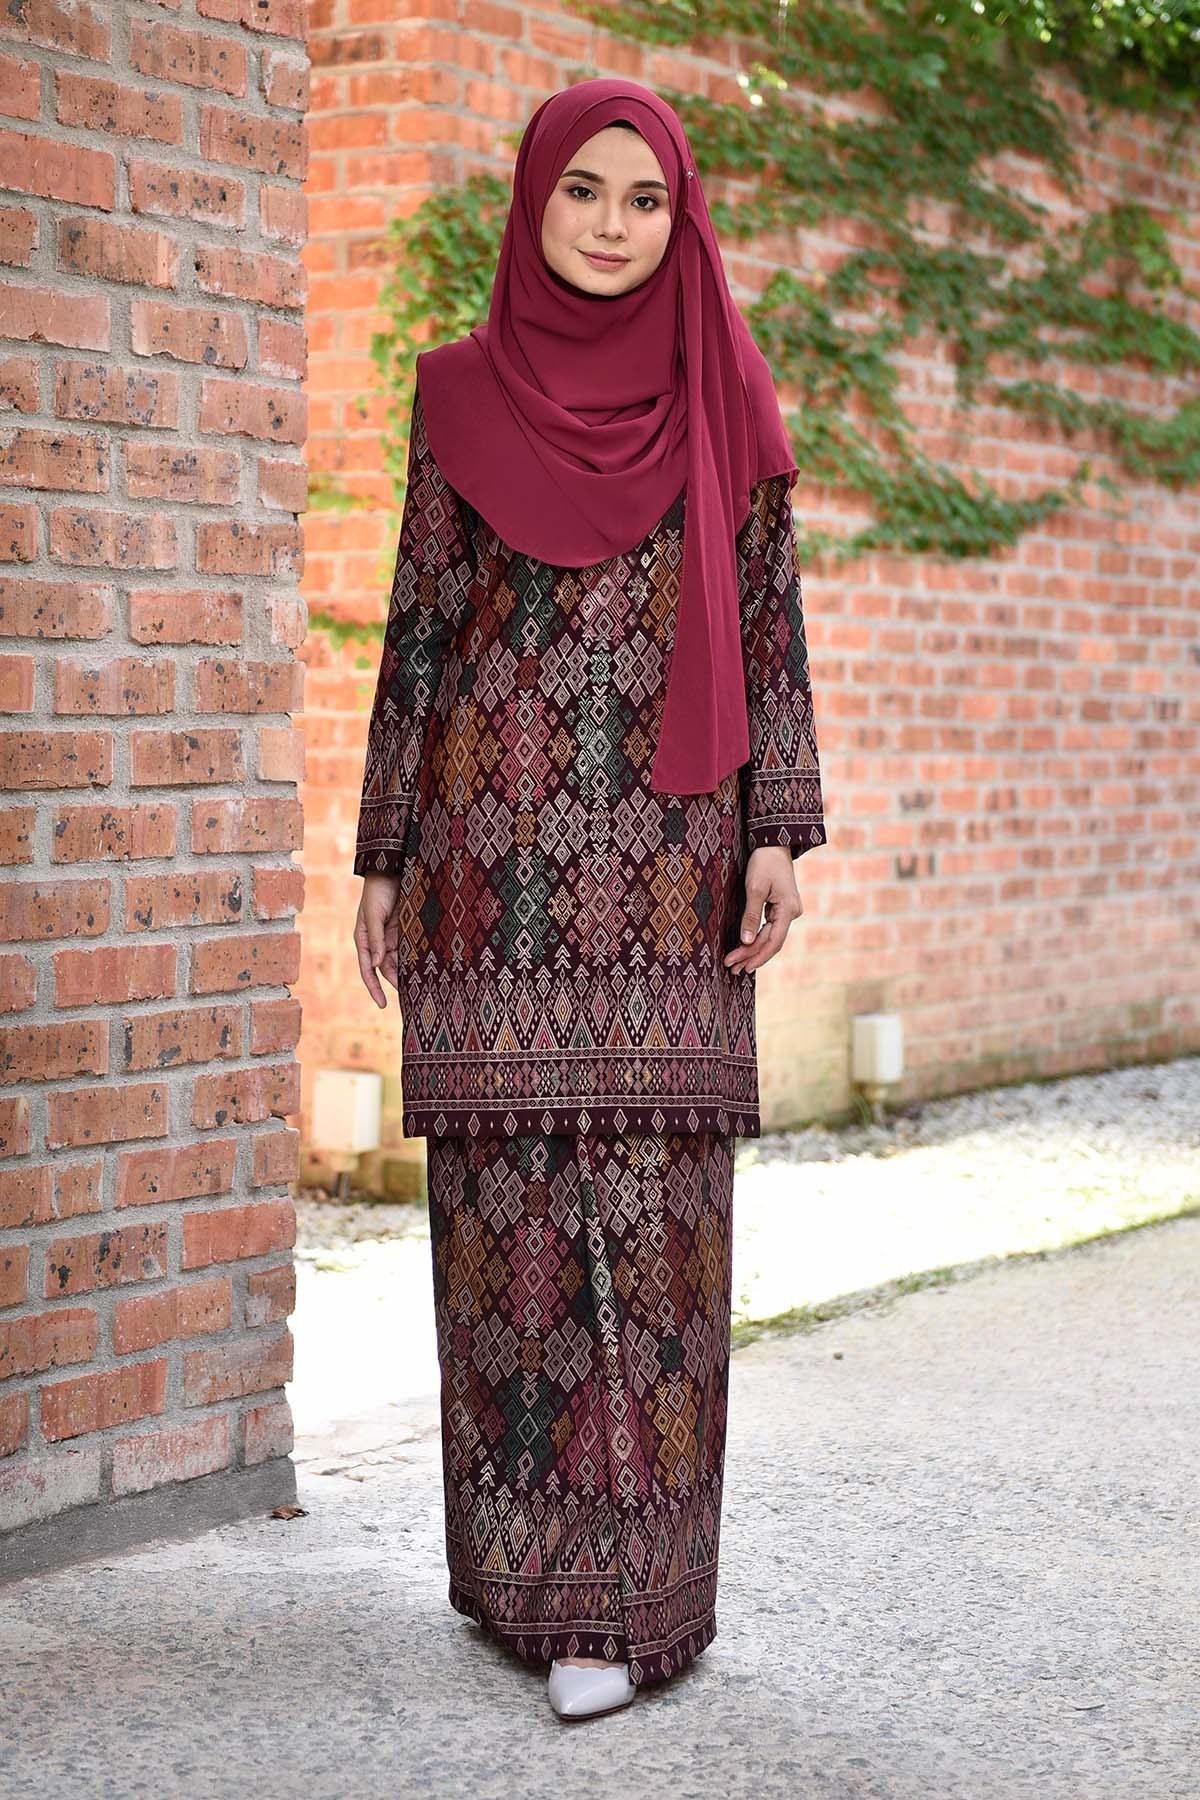 Inspirasi Baju Bridesmaid Hijab Rldj Baju Kurung songket Luella Deep Maroon